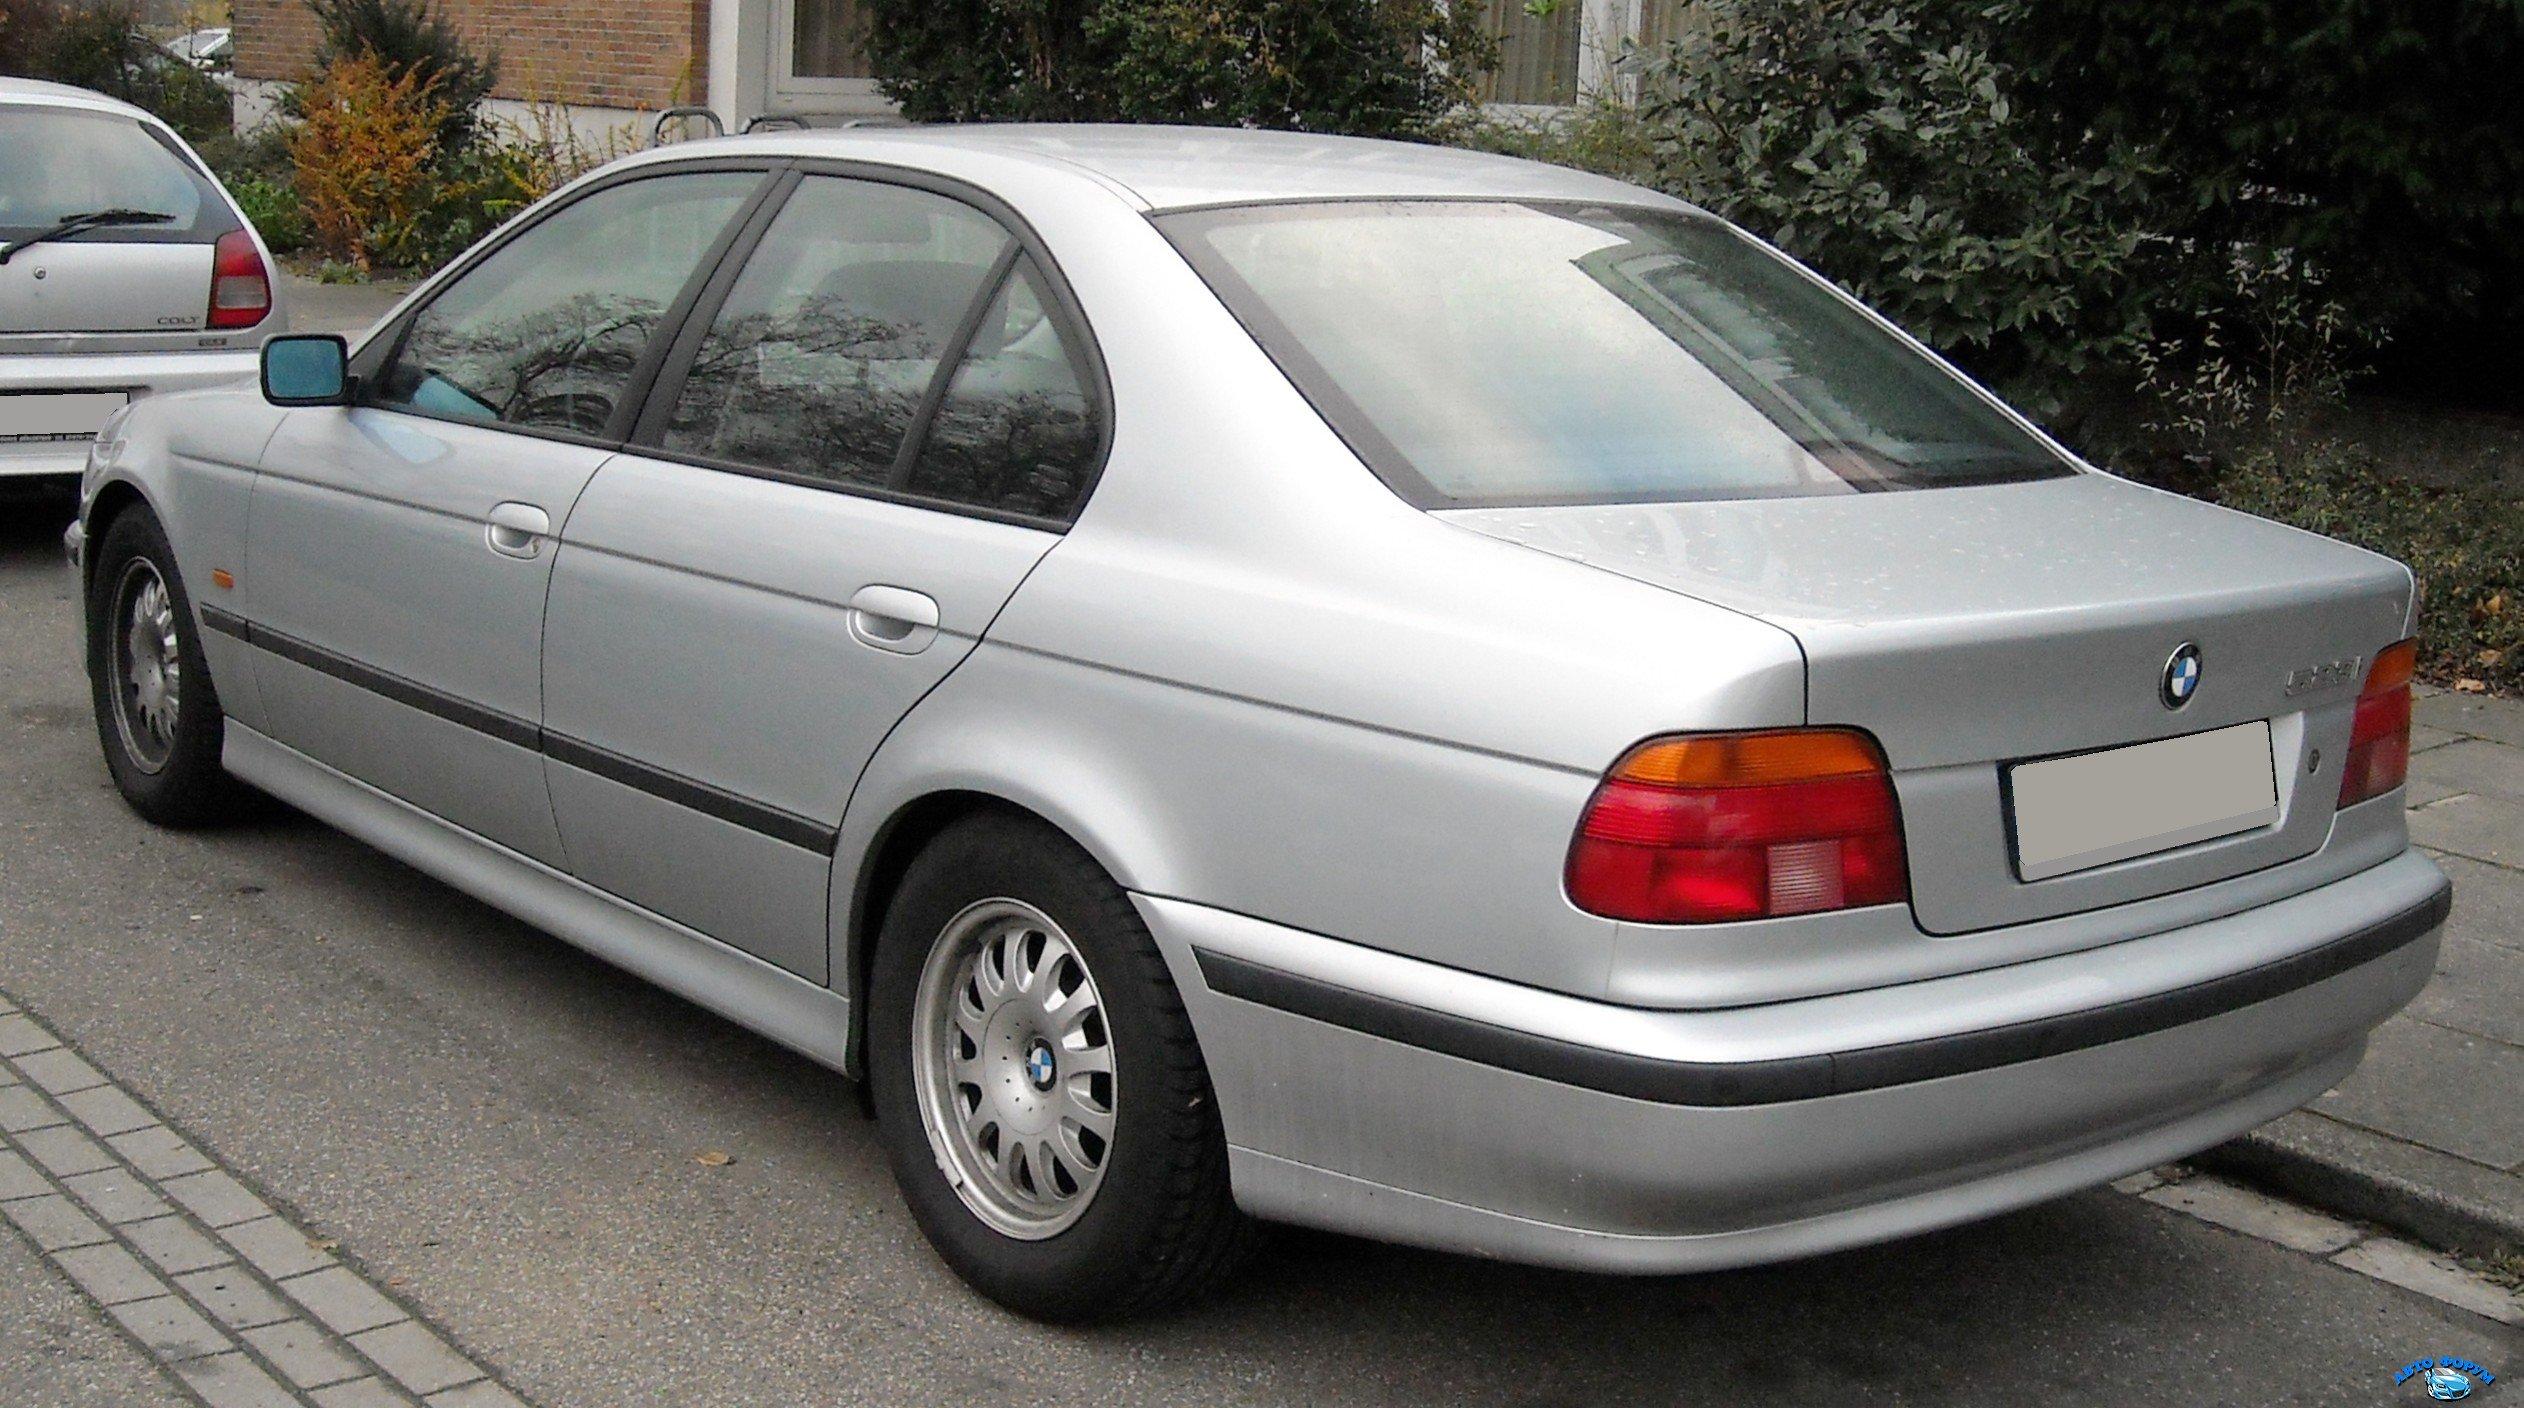 BMW_E39_rear_20081125.jpg